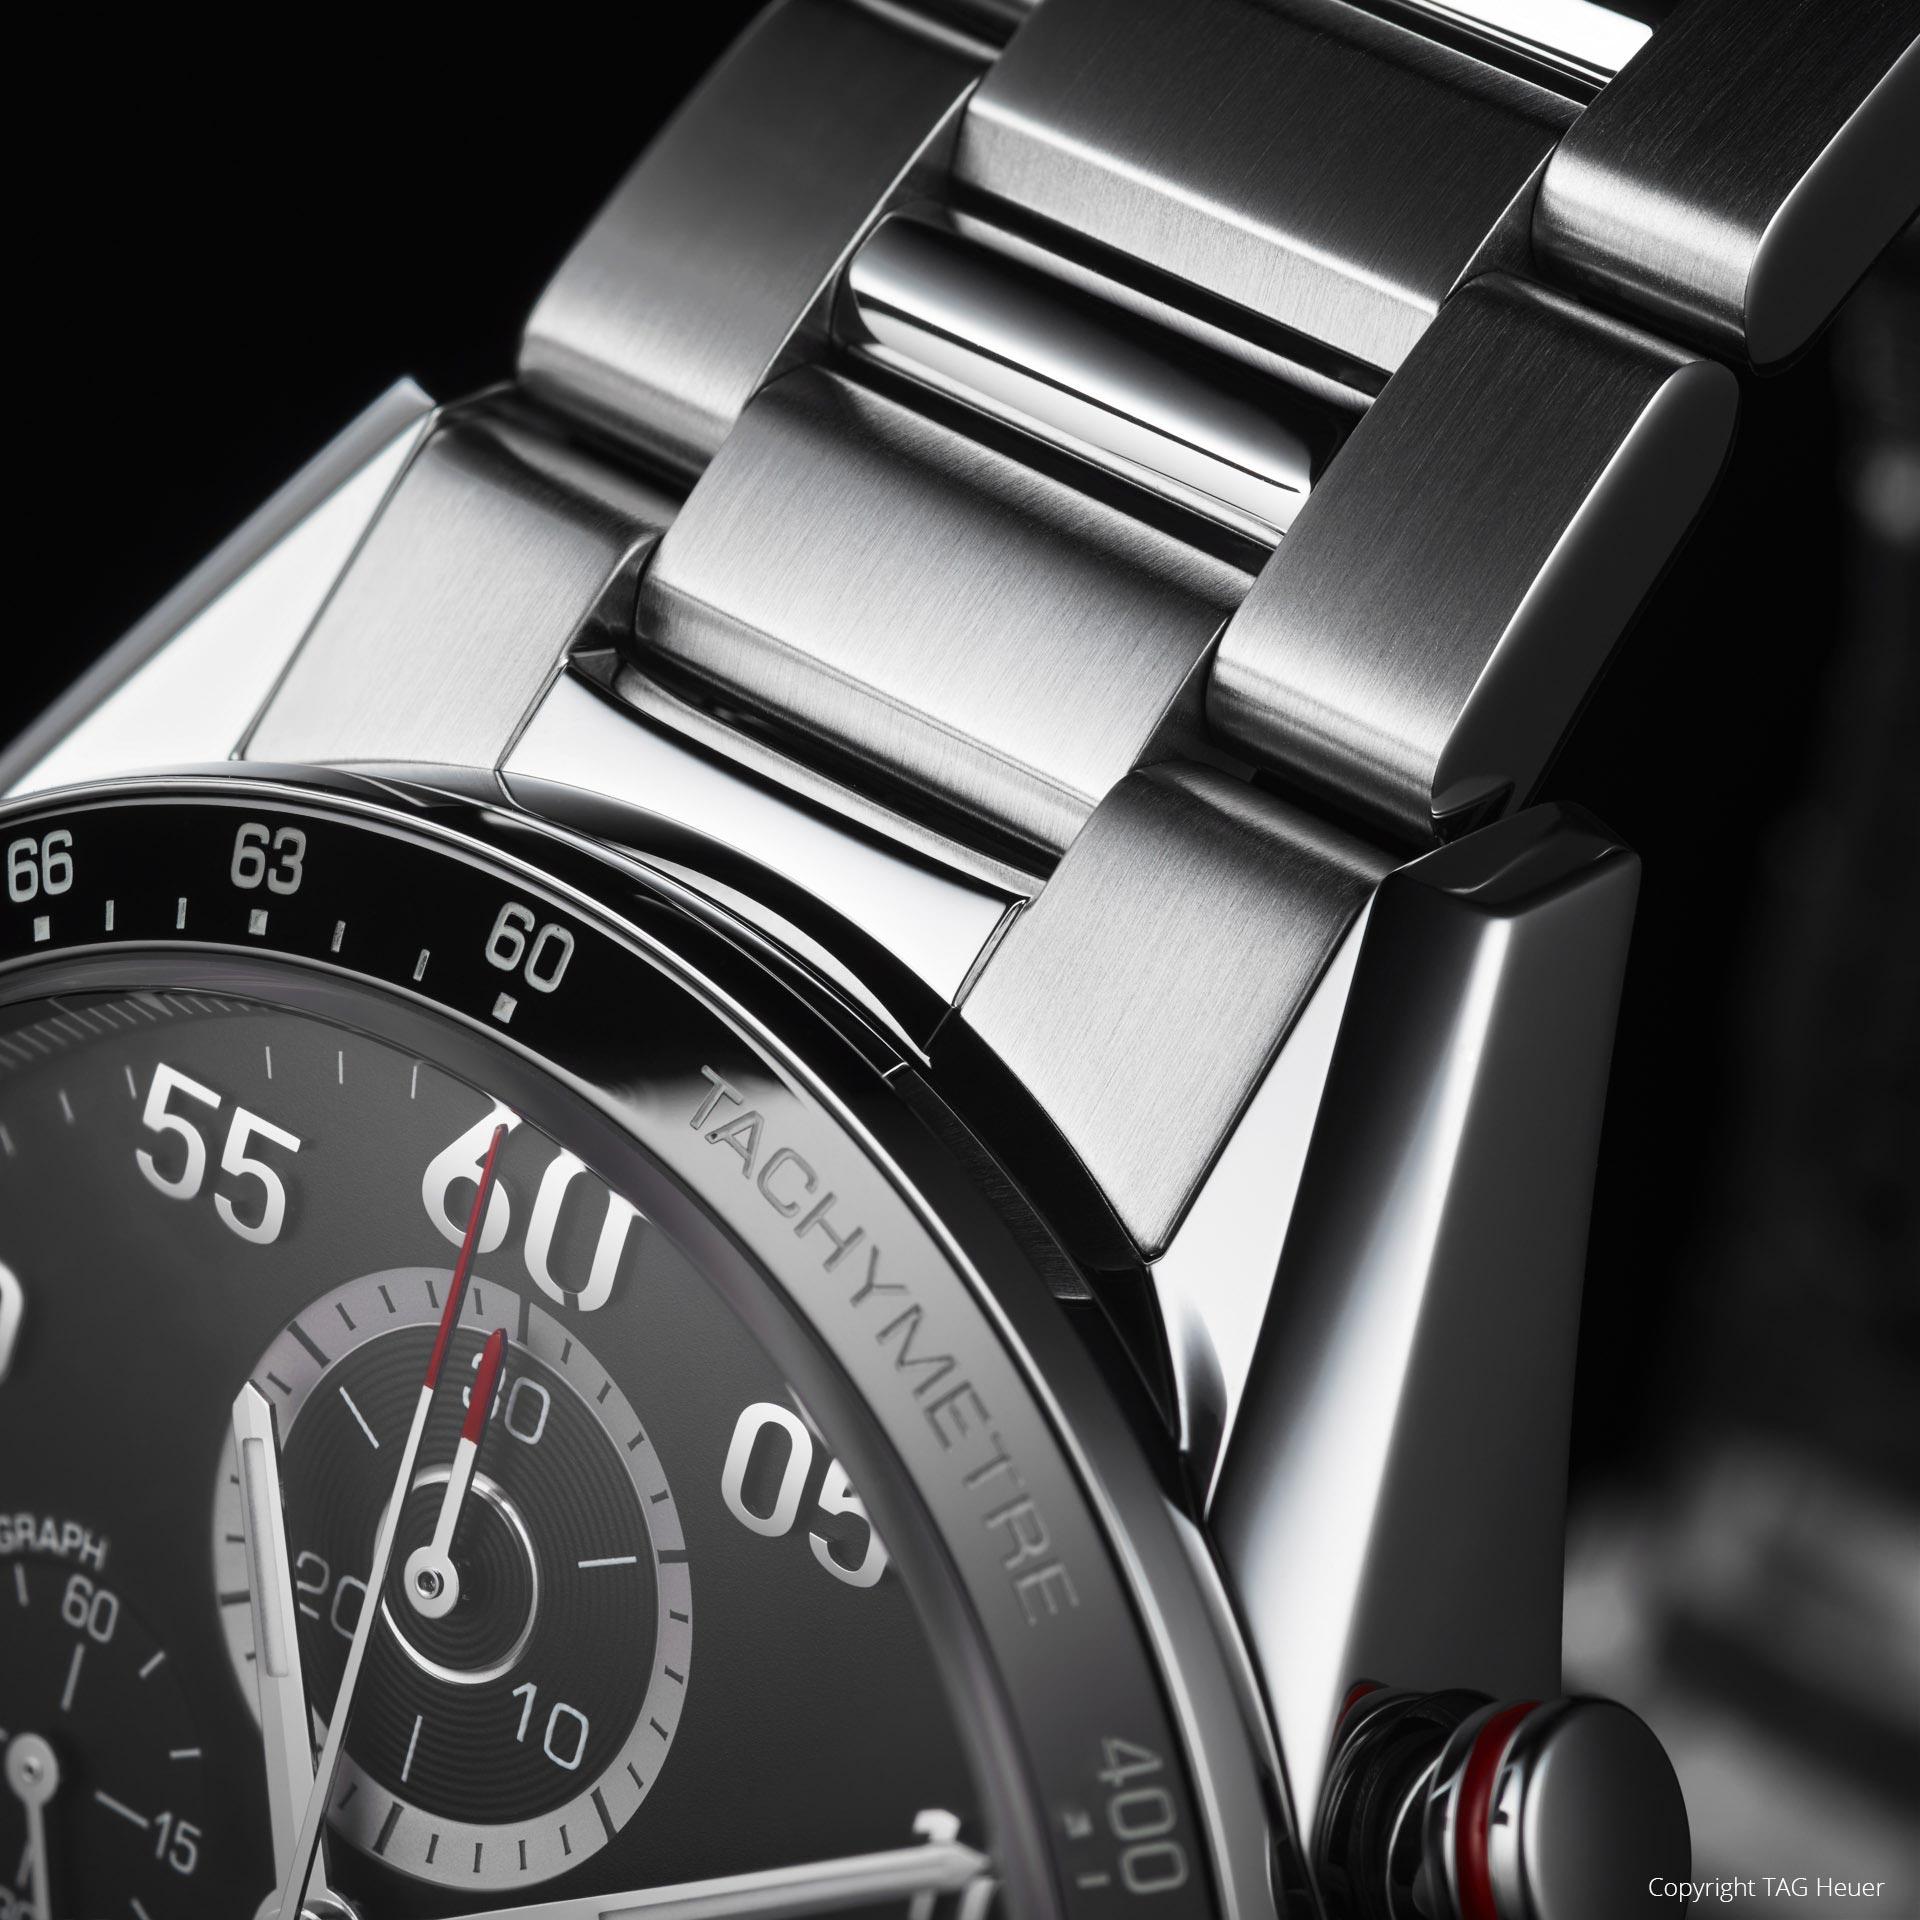 Entzückend Xxl Uhren Referenz Von Herrenuhren – Mehr Als Nur Ein Zeitmesser